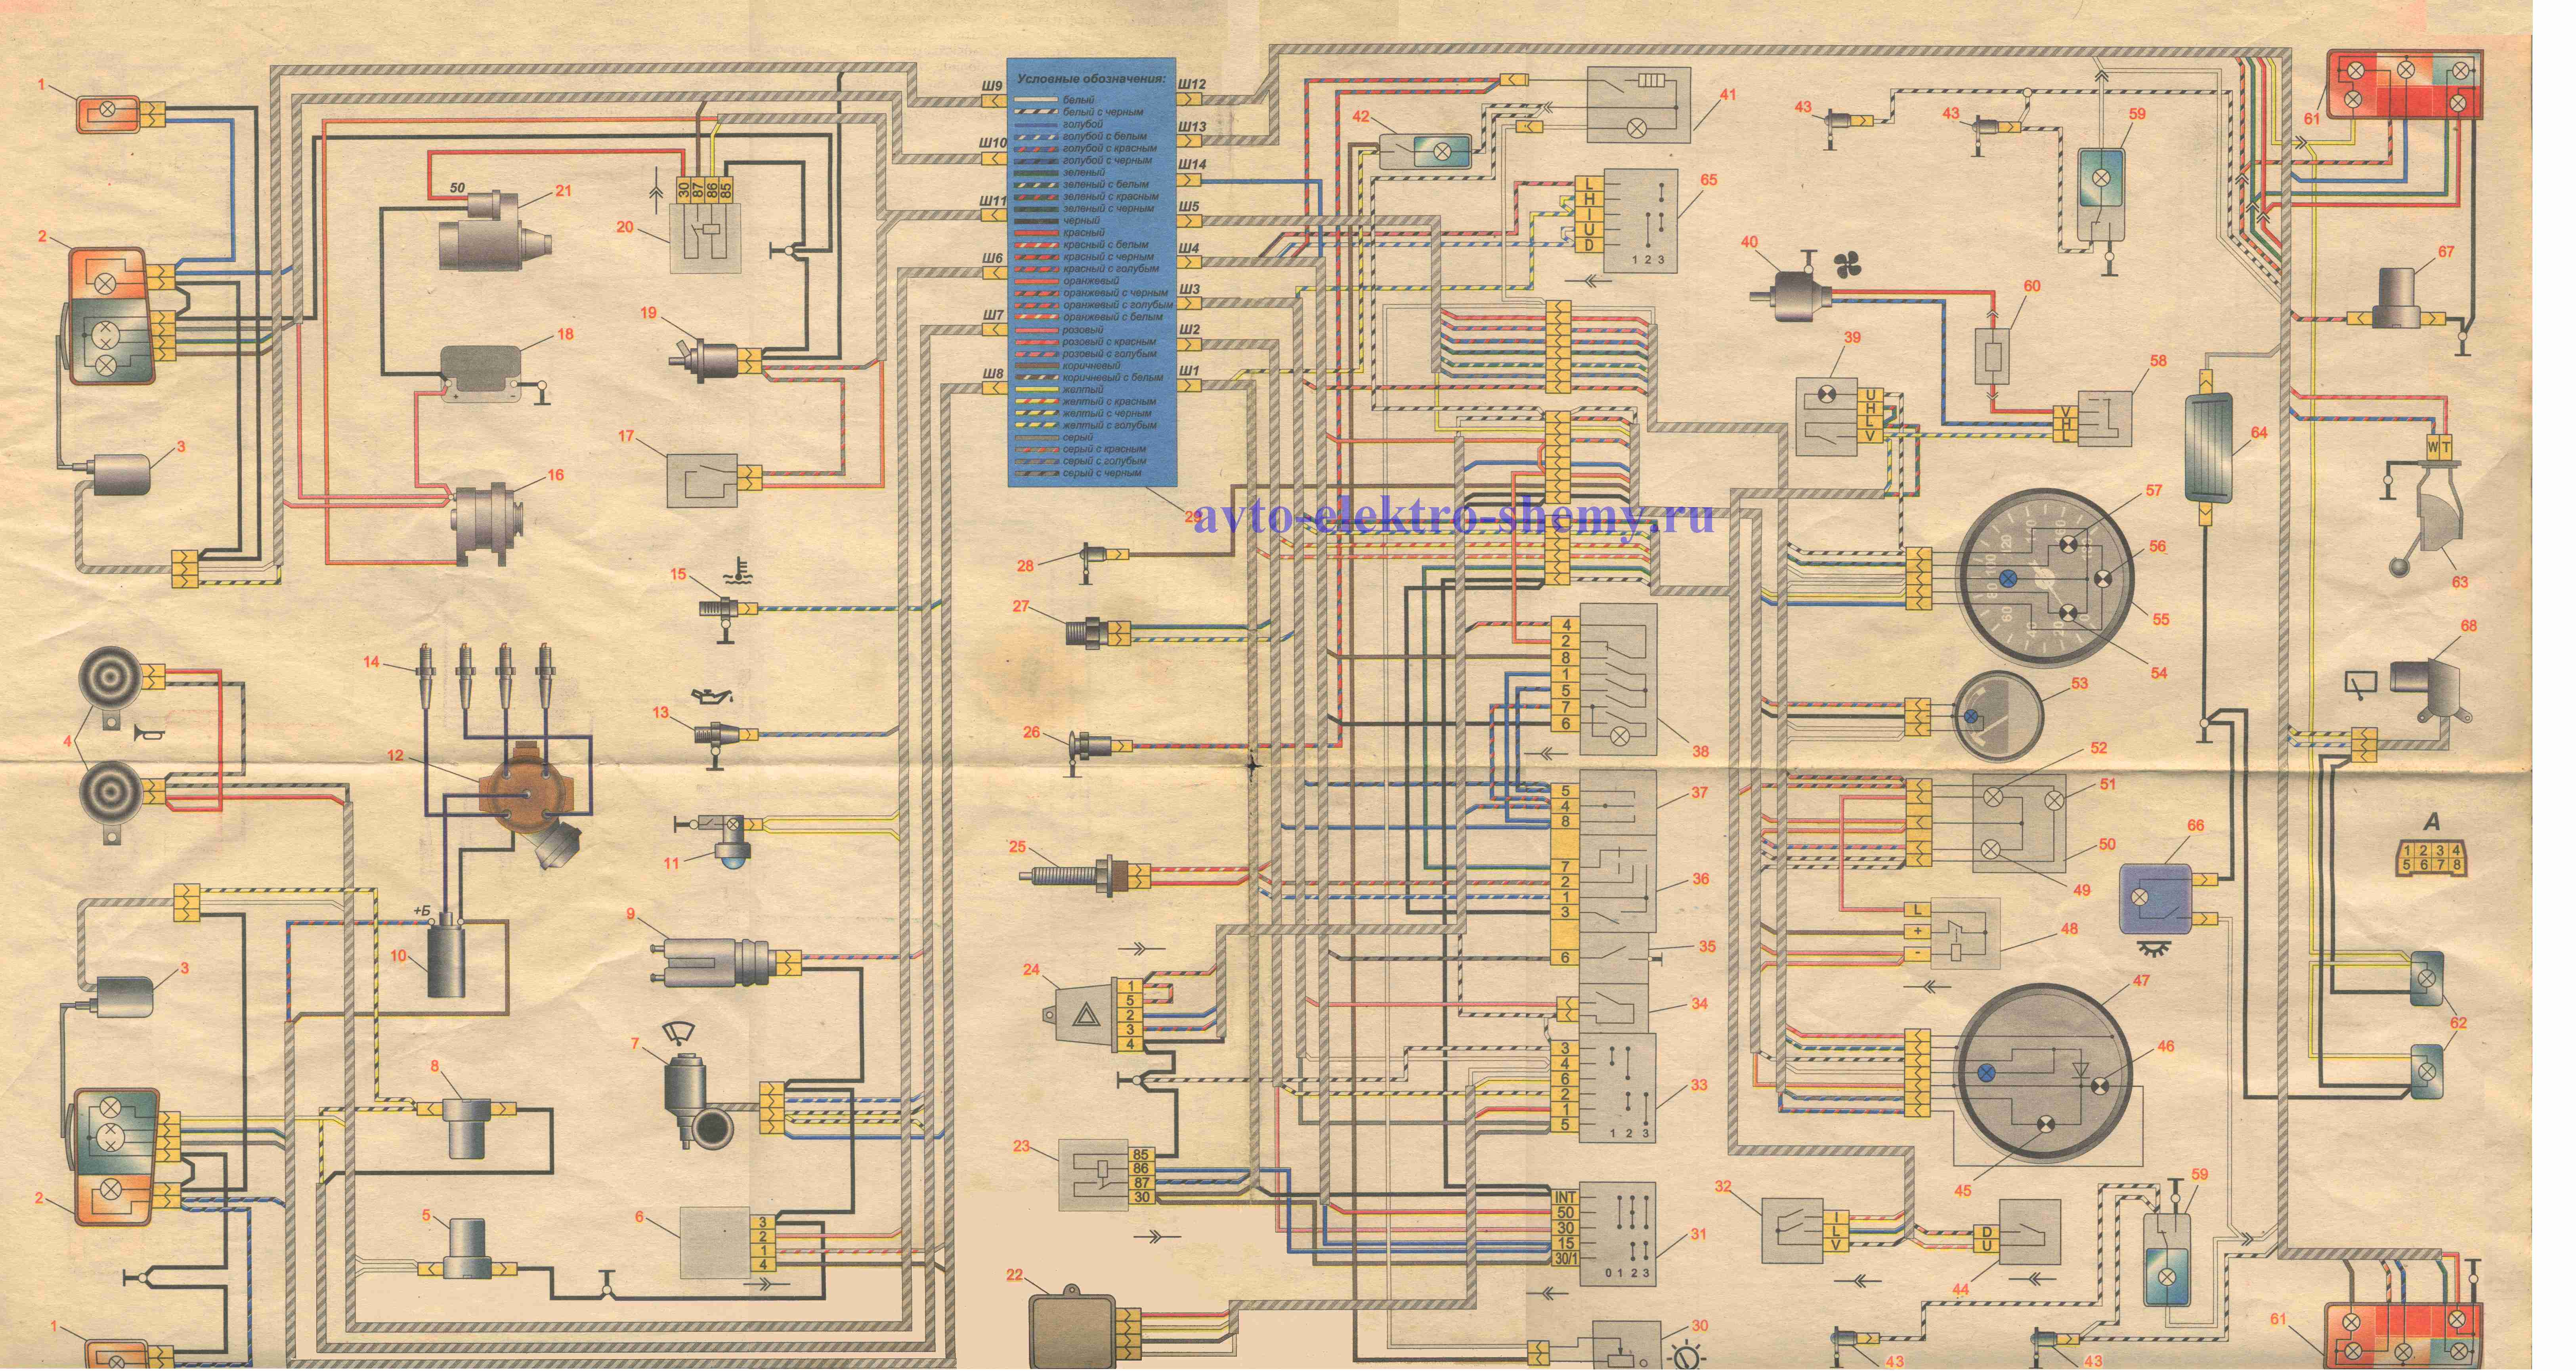 электро схема нисан премьера 1999 года